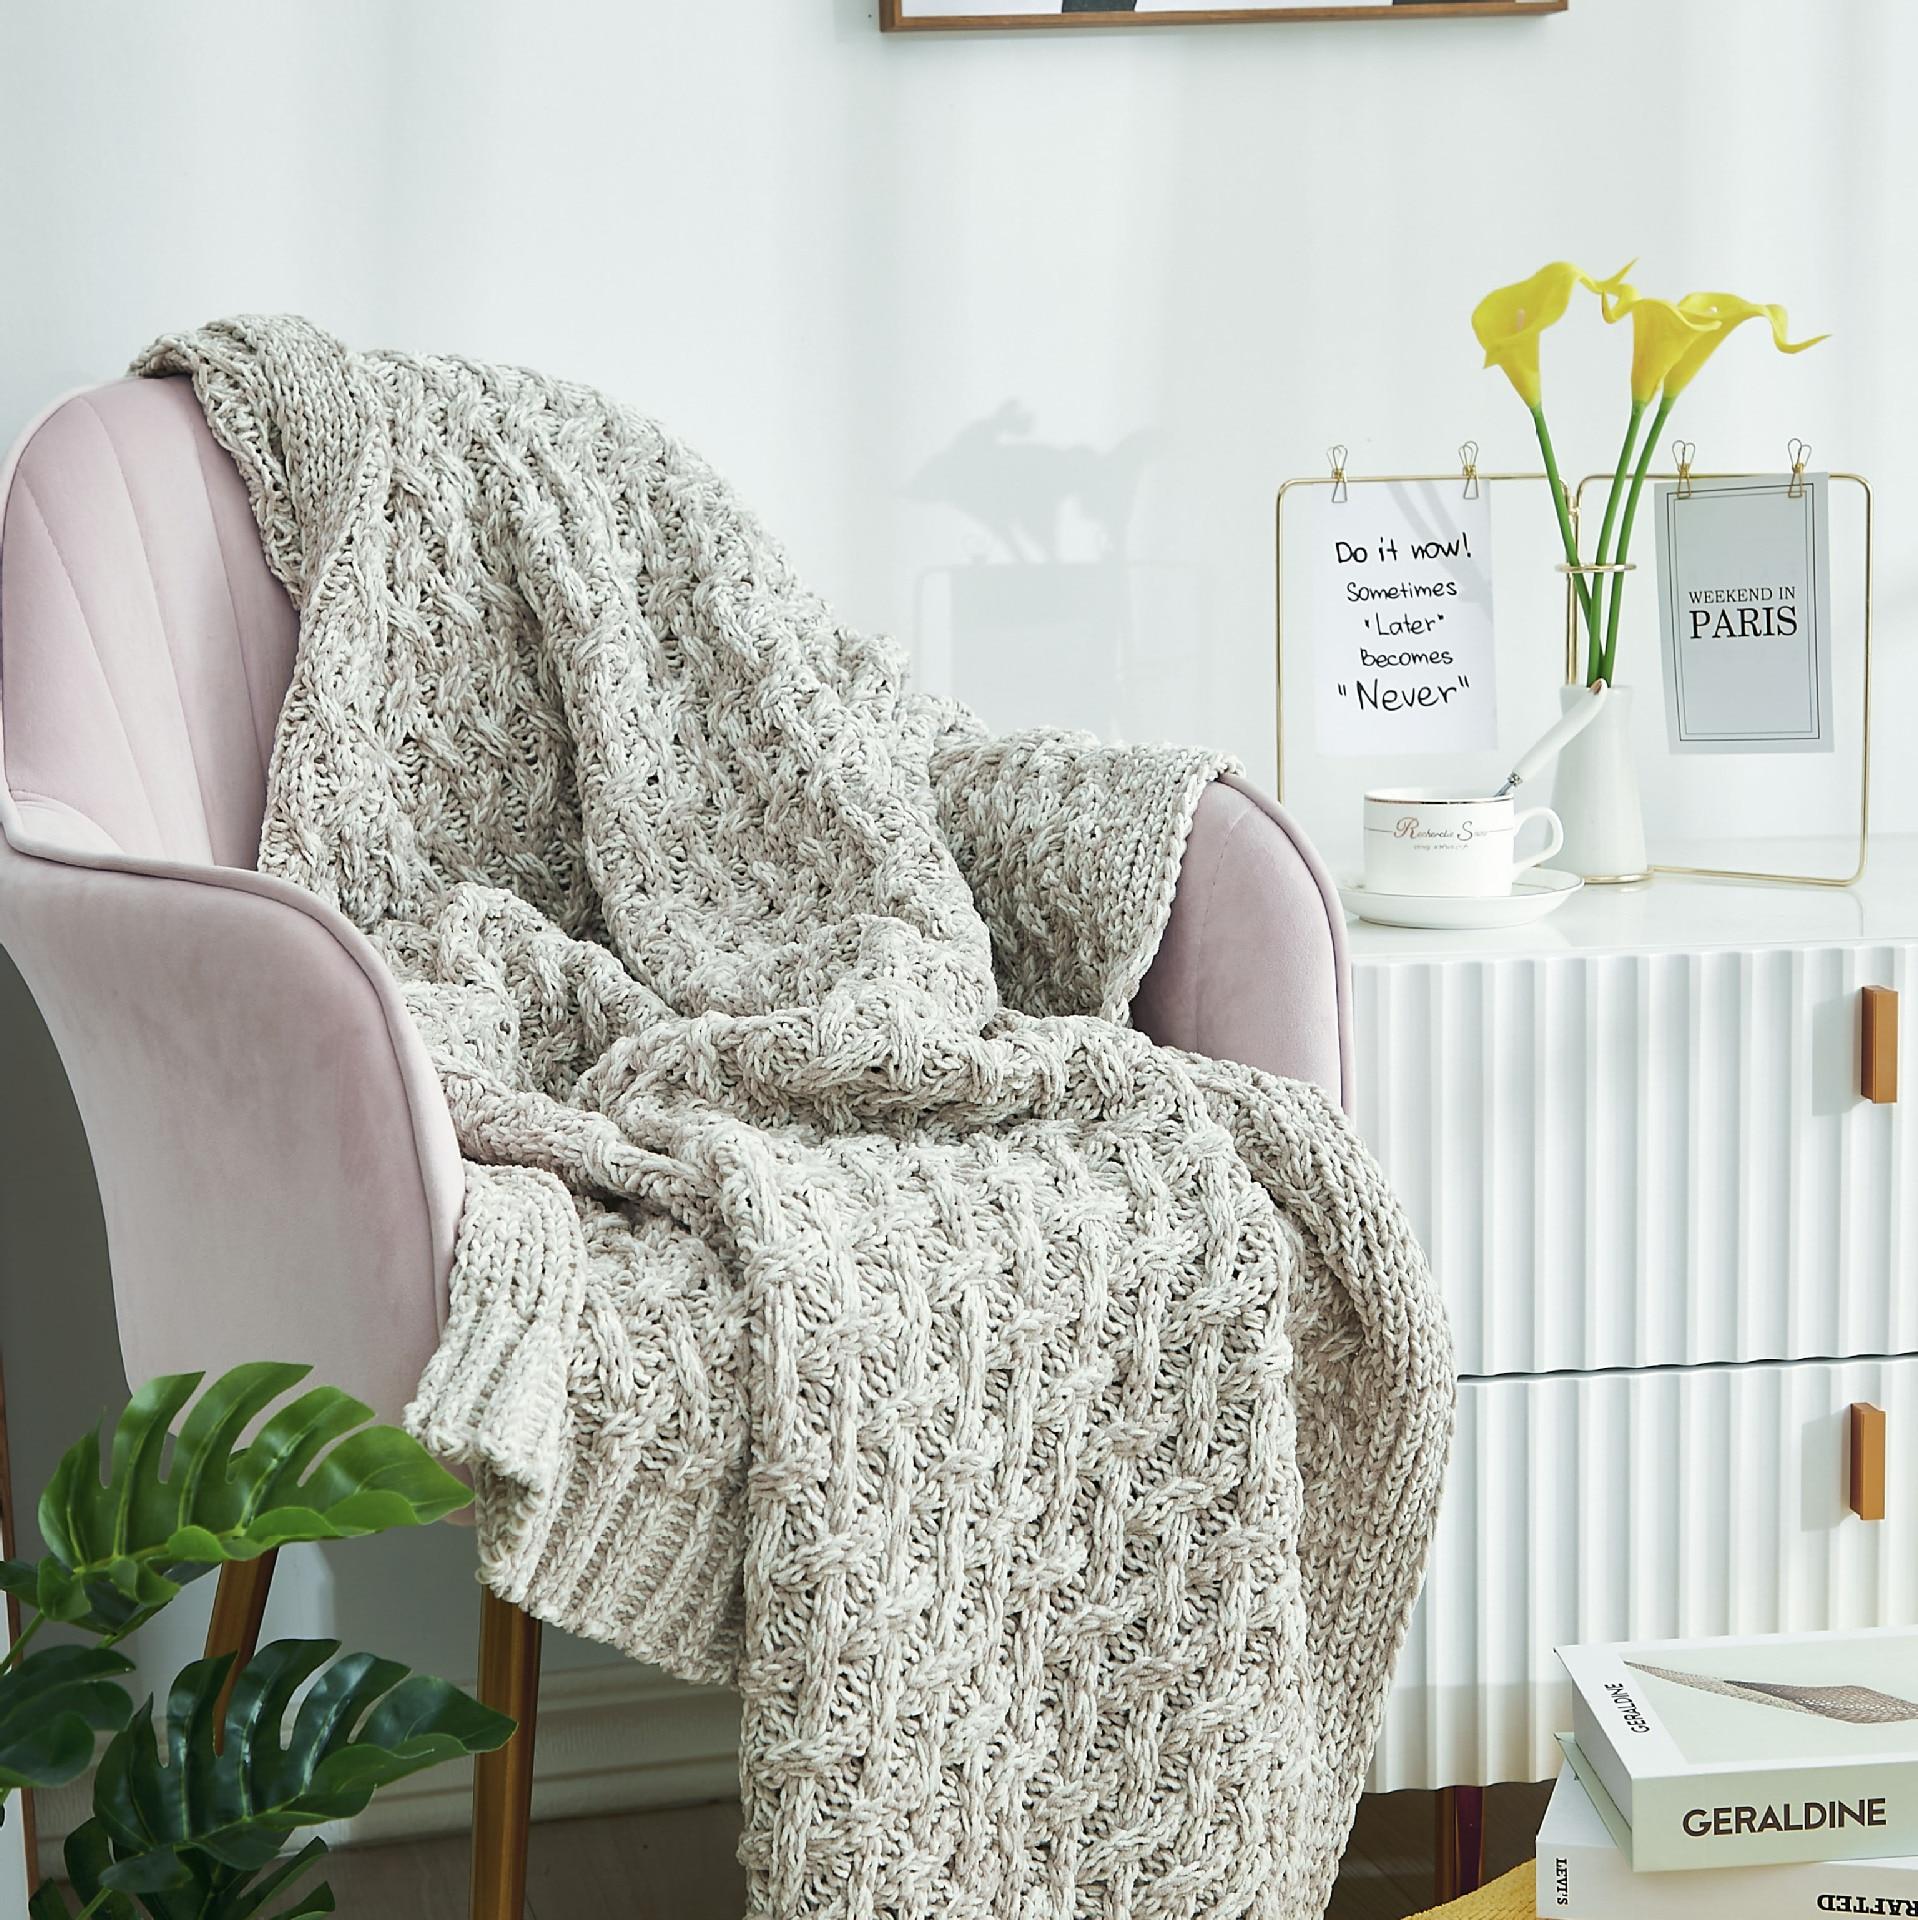 النمط الأوروبي دثار محبوك تكييف الهواء دثار محبوك بطانية للكبار الشتاء الدافئة أريكة سرير يلقي المنزل البطانيات